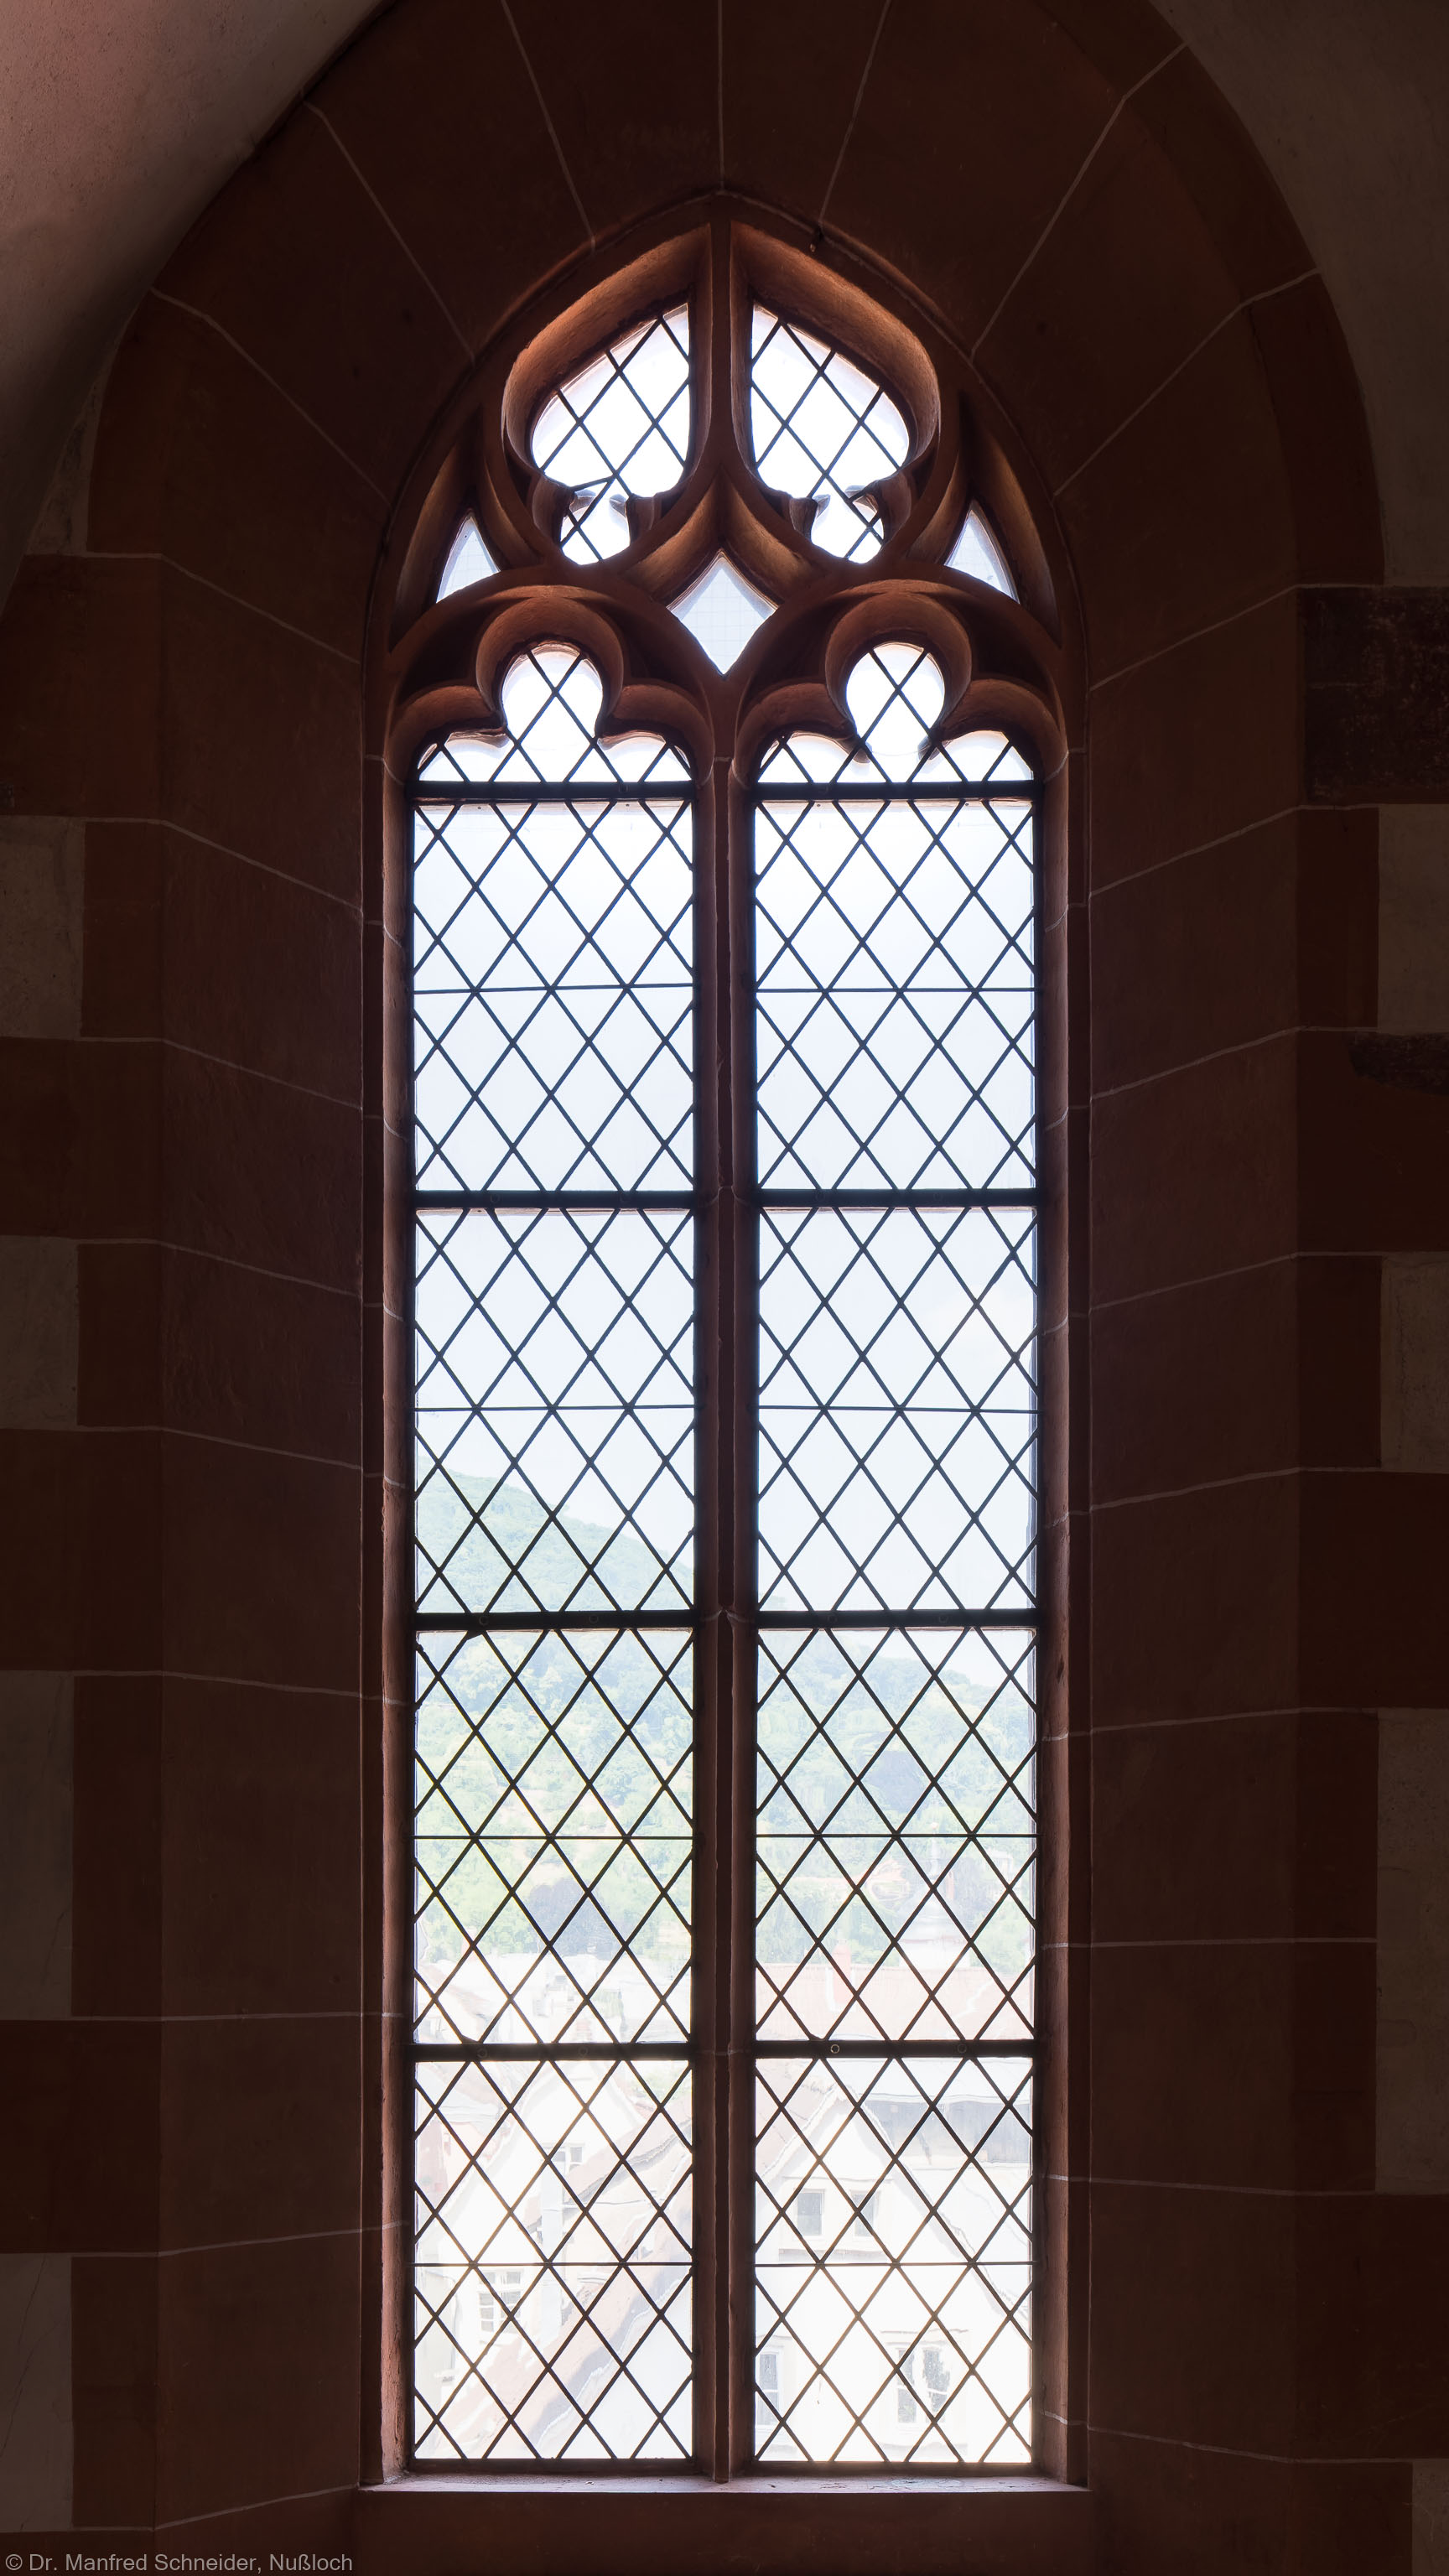 Heidelberg - Heiliggeistkirche - Nordempore - 1. Joch, von Westen aus gezählt - Fenster und Maßwerk (aufgenommen im Juni 2015, am frühen Nachmittag)